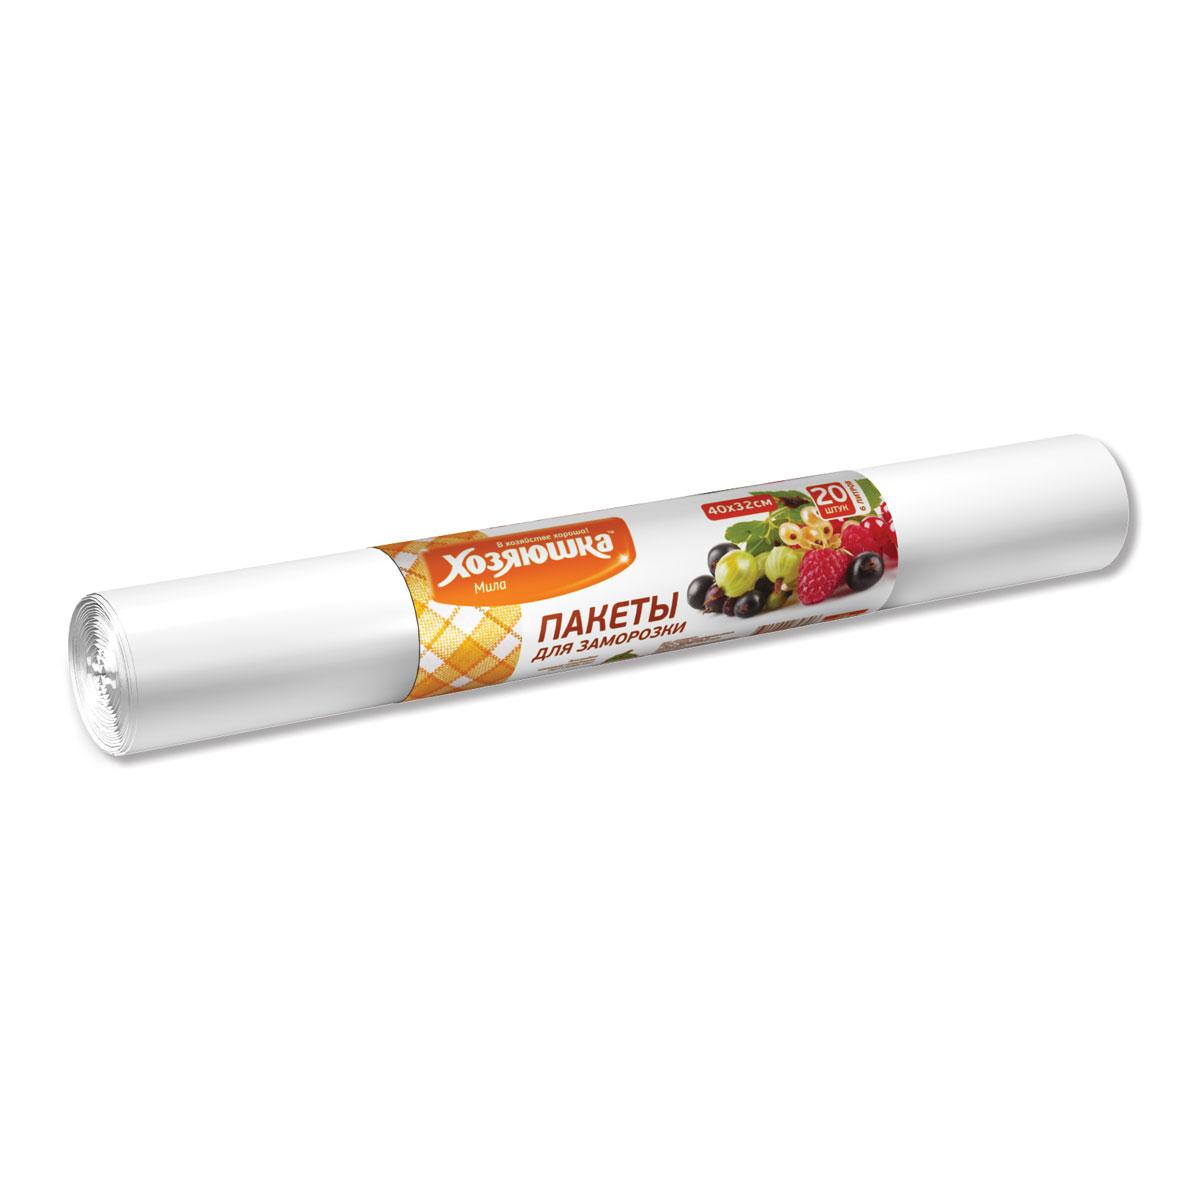 """Пакеты """"Хозяюшка Мила"""" предназначены для хранения и замораживания продуктов. Также их можно использовать для хранения сыпучих продуктов и мелких предметов.Пакеты для замораживания продуктов изготавливаются из высококачественного полиэтилена низкого давления. Выдерживают температуру от -400С до +1150С и могут использоваться не только для замораживания, но также для разогрева, хранения продуктов. Охлаждённые или замороженные продукты можно разогревать / размораживать в микроволновой печи, не вынимая из пакета. Замороженные продукты не прилипают к пакету."""